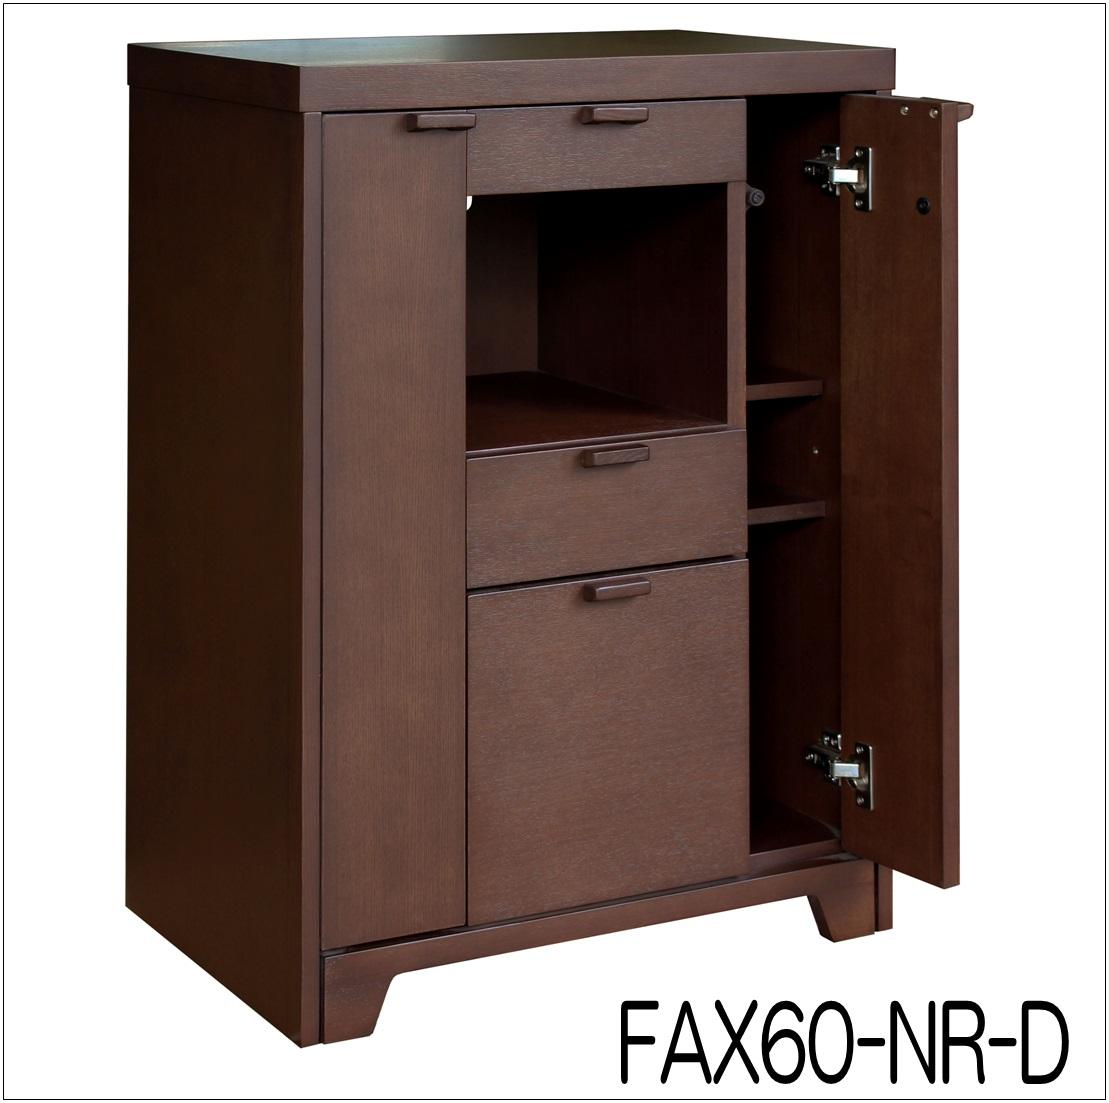 FAX台/電話台 ダークブラウン(タモ突板ウレタン塗装)【FAX60-NR-D】【完成品】【送料無料】